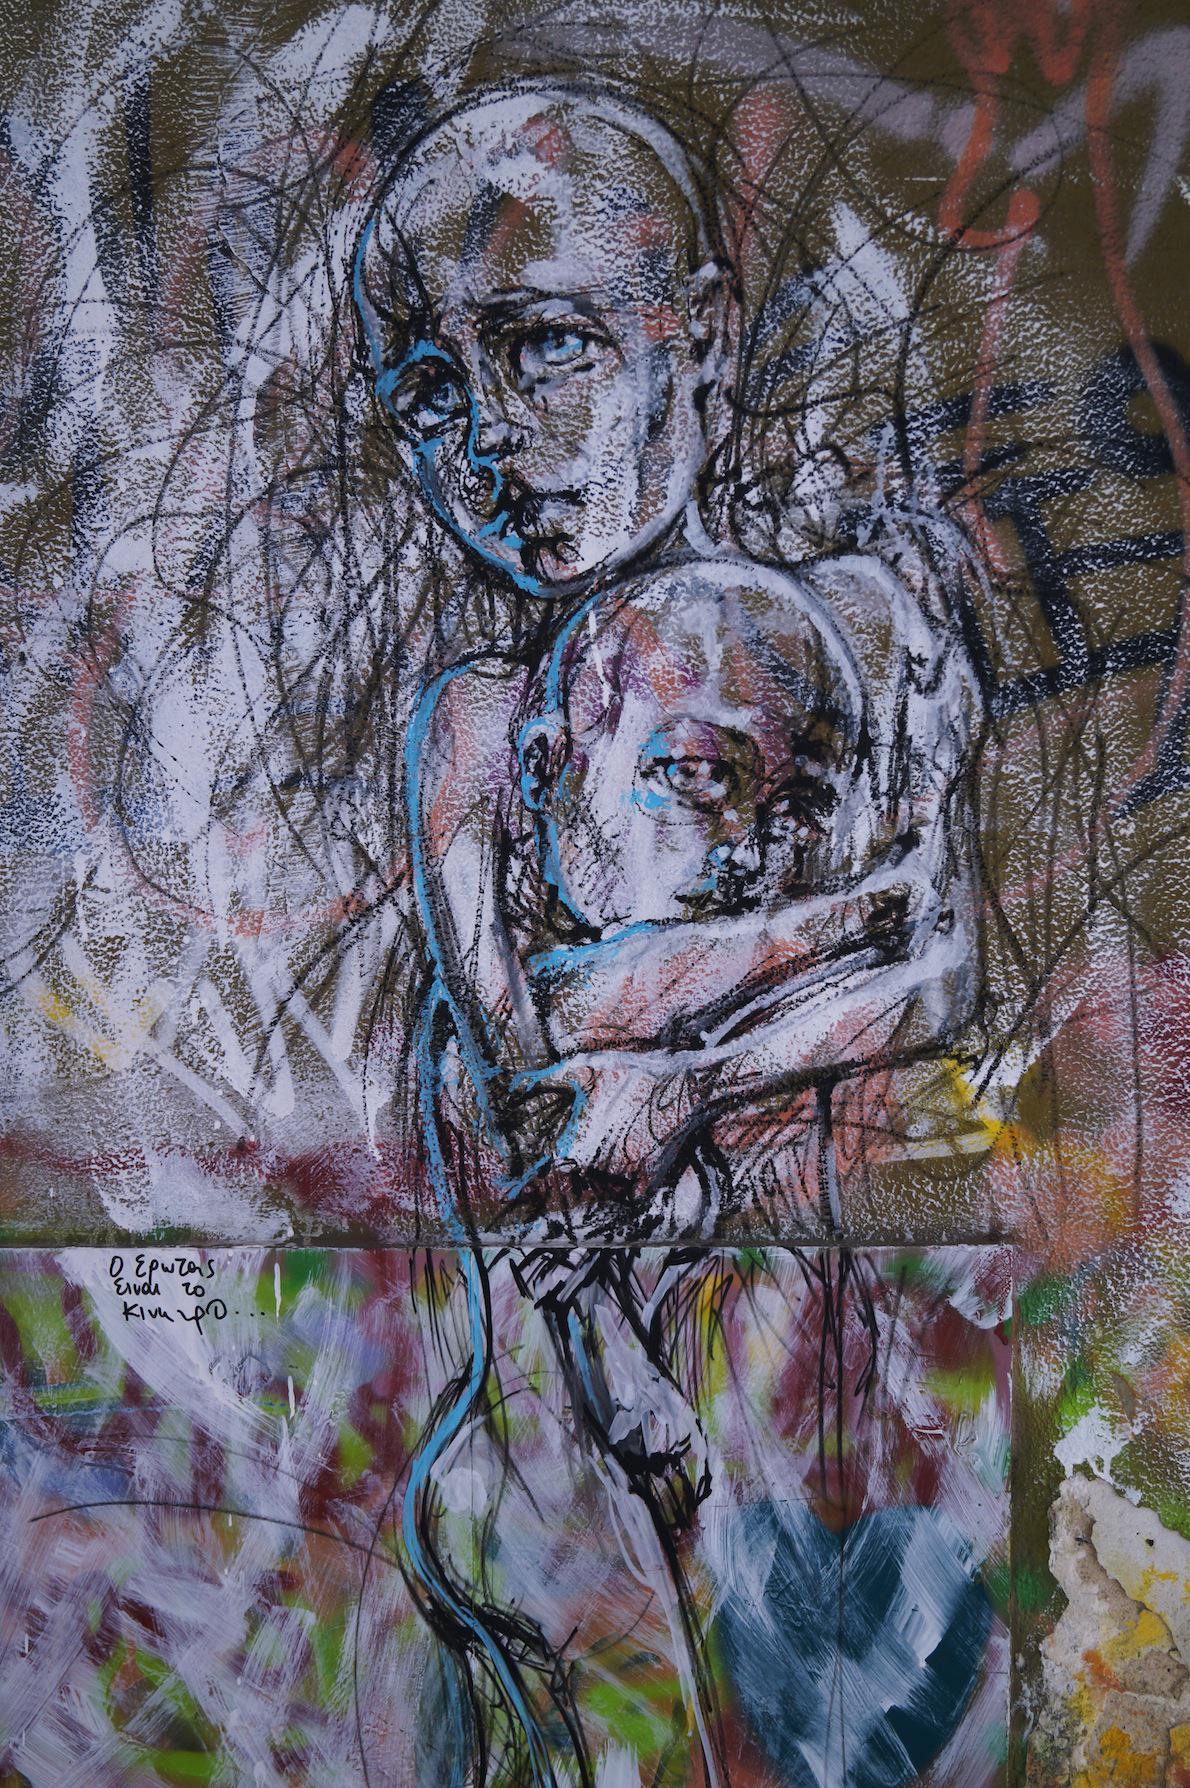 Ψυρρή, Artist: Mary Sdfghjkl. Παιδικές και γυναικείες φιγούρες, χαρακτηριστικό στοιχείο της εικαστικού Mary Sdfghjkl, μιας από τις λίγες ελληνίδες street artists